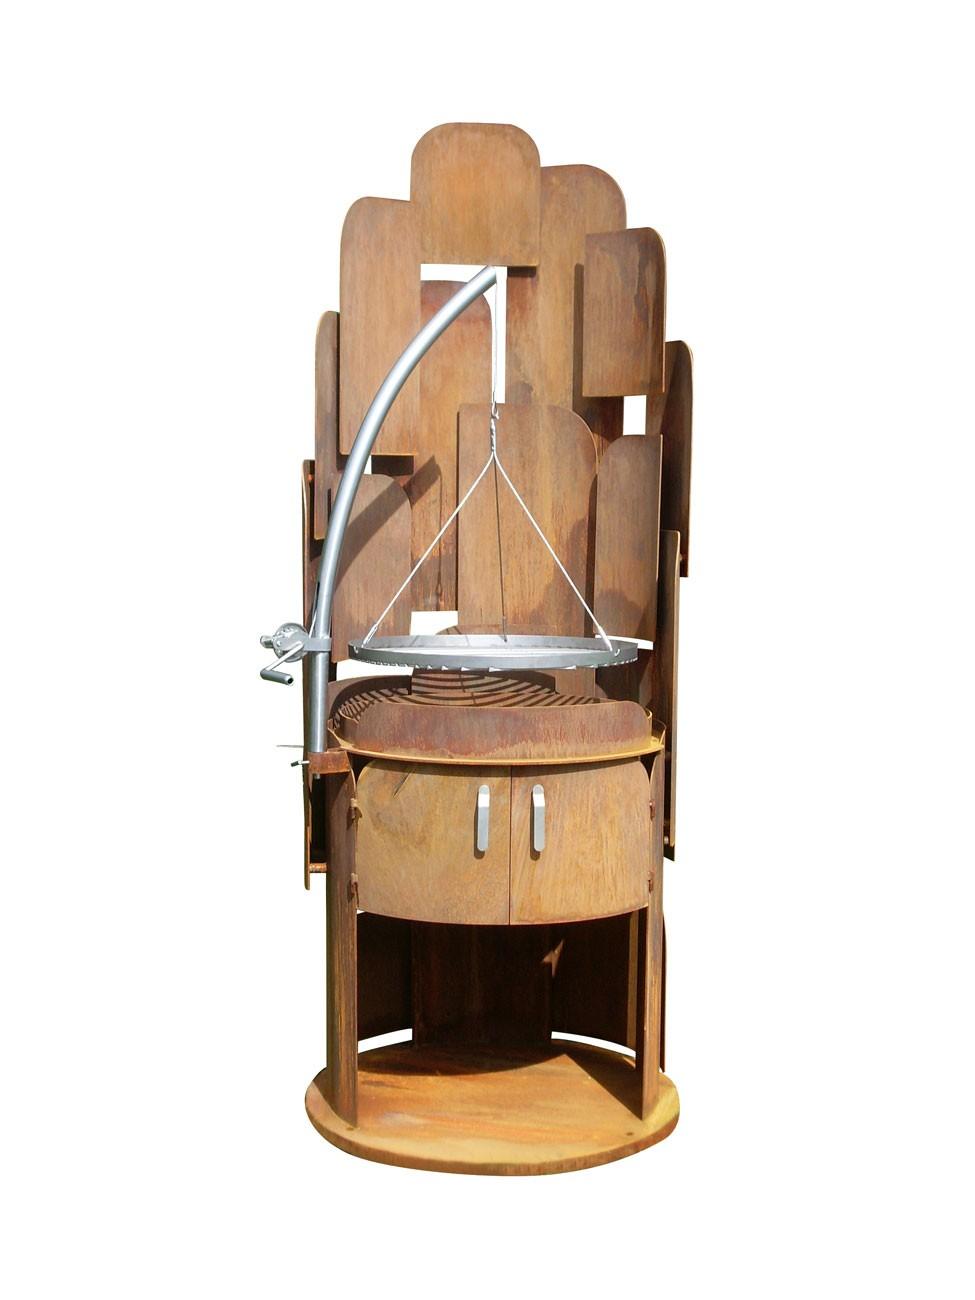 feuerskulptur mountain aus cortenstahl mit rundem rost 60 cm grill shop sandwichmaker. Black Bedroom Furniture Sets. Home Design Ideas